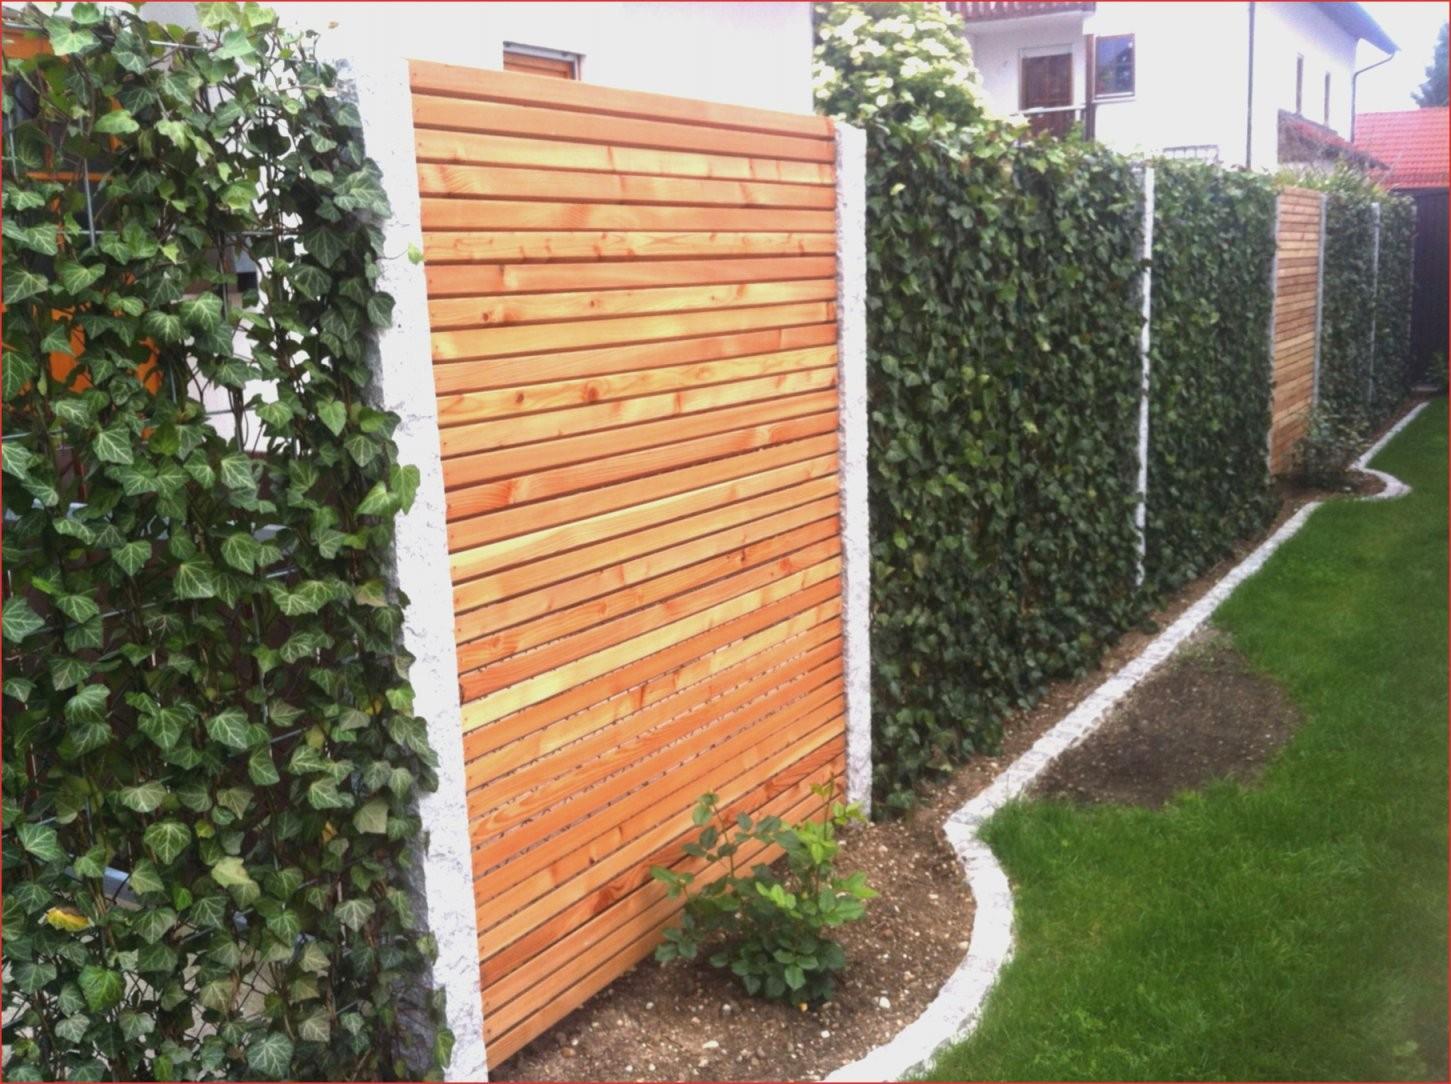 Verwunderlich Sichtschutz Zum Nachbarn Ideen Garten Holz A48R Diy von Sichtschutz Zum Nachbarn Ideen Bild